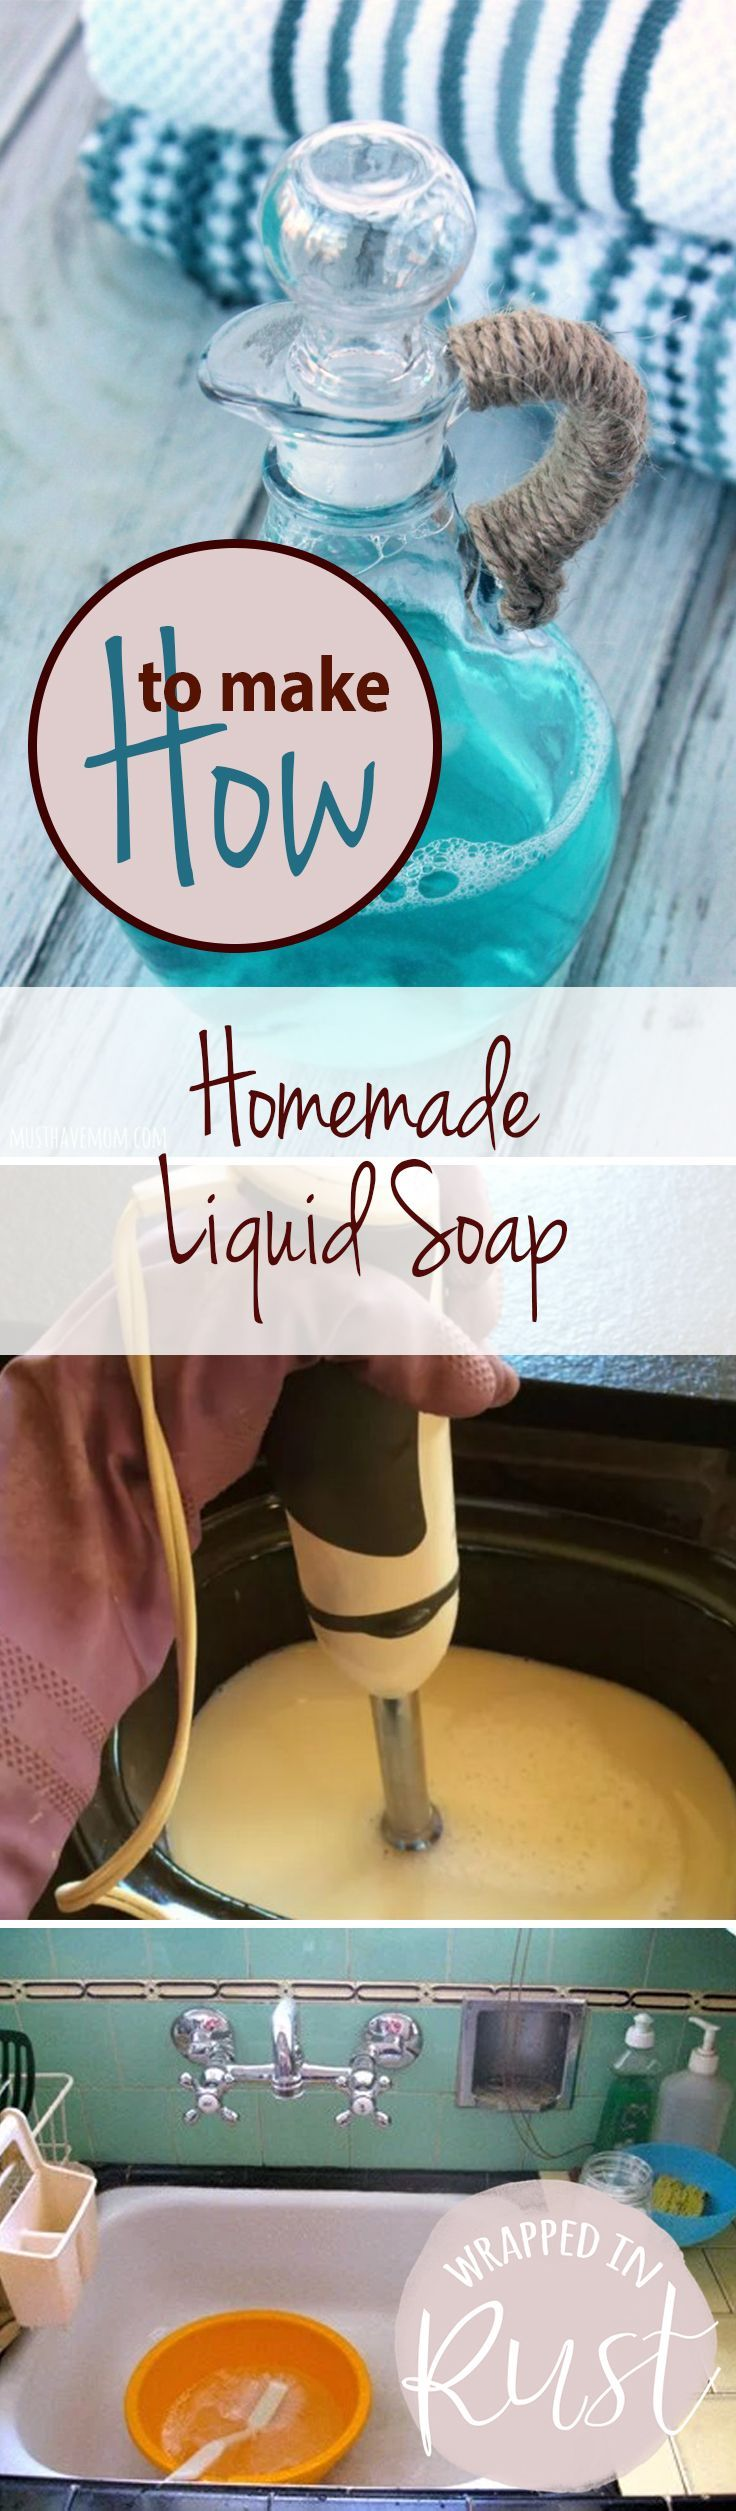 How to Make Homemade Liquid Soap Jabón líquido de manos